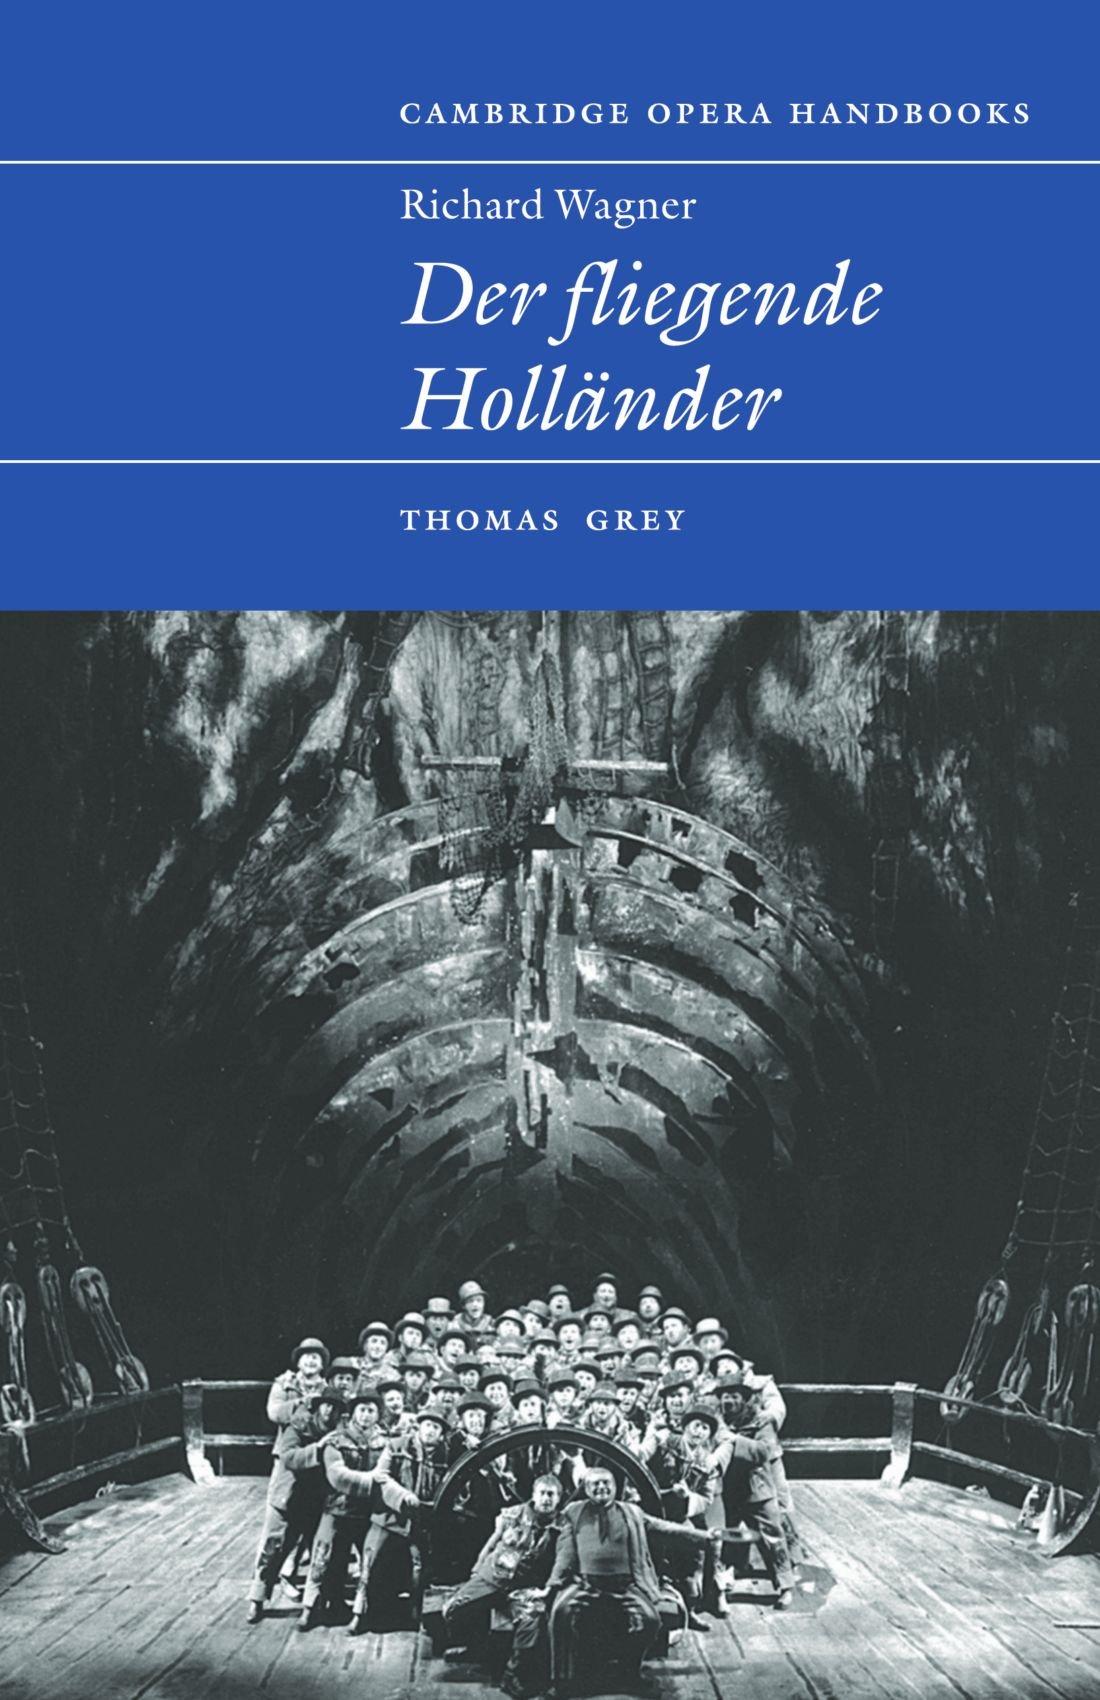 Richard Wagner: Der Fliegende Holländer (Cambridge Opera Handbooks) ebook